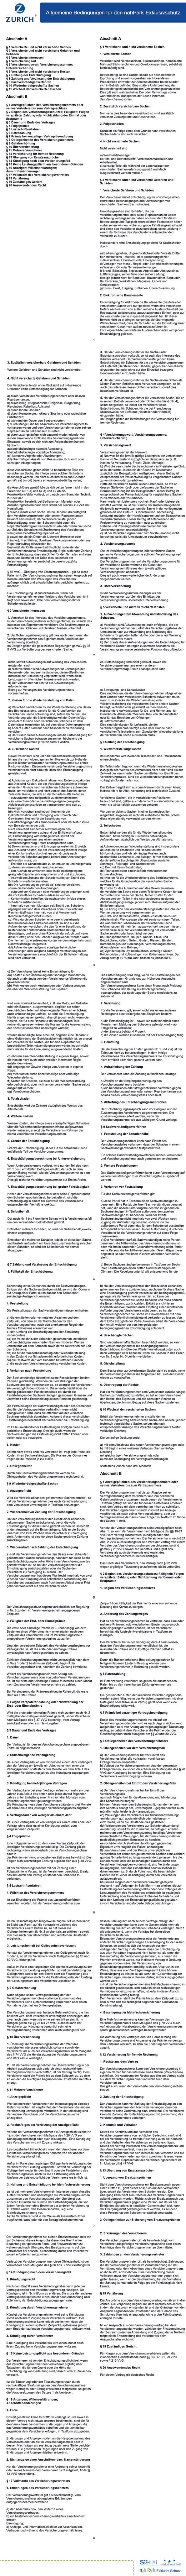 nähPark Exklusivschutz AGBs